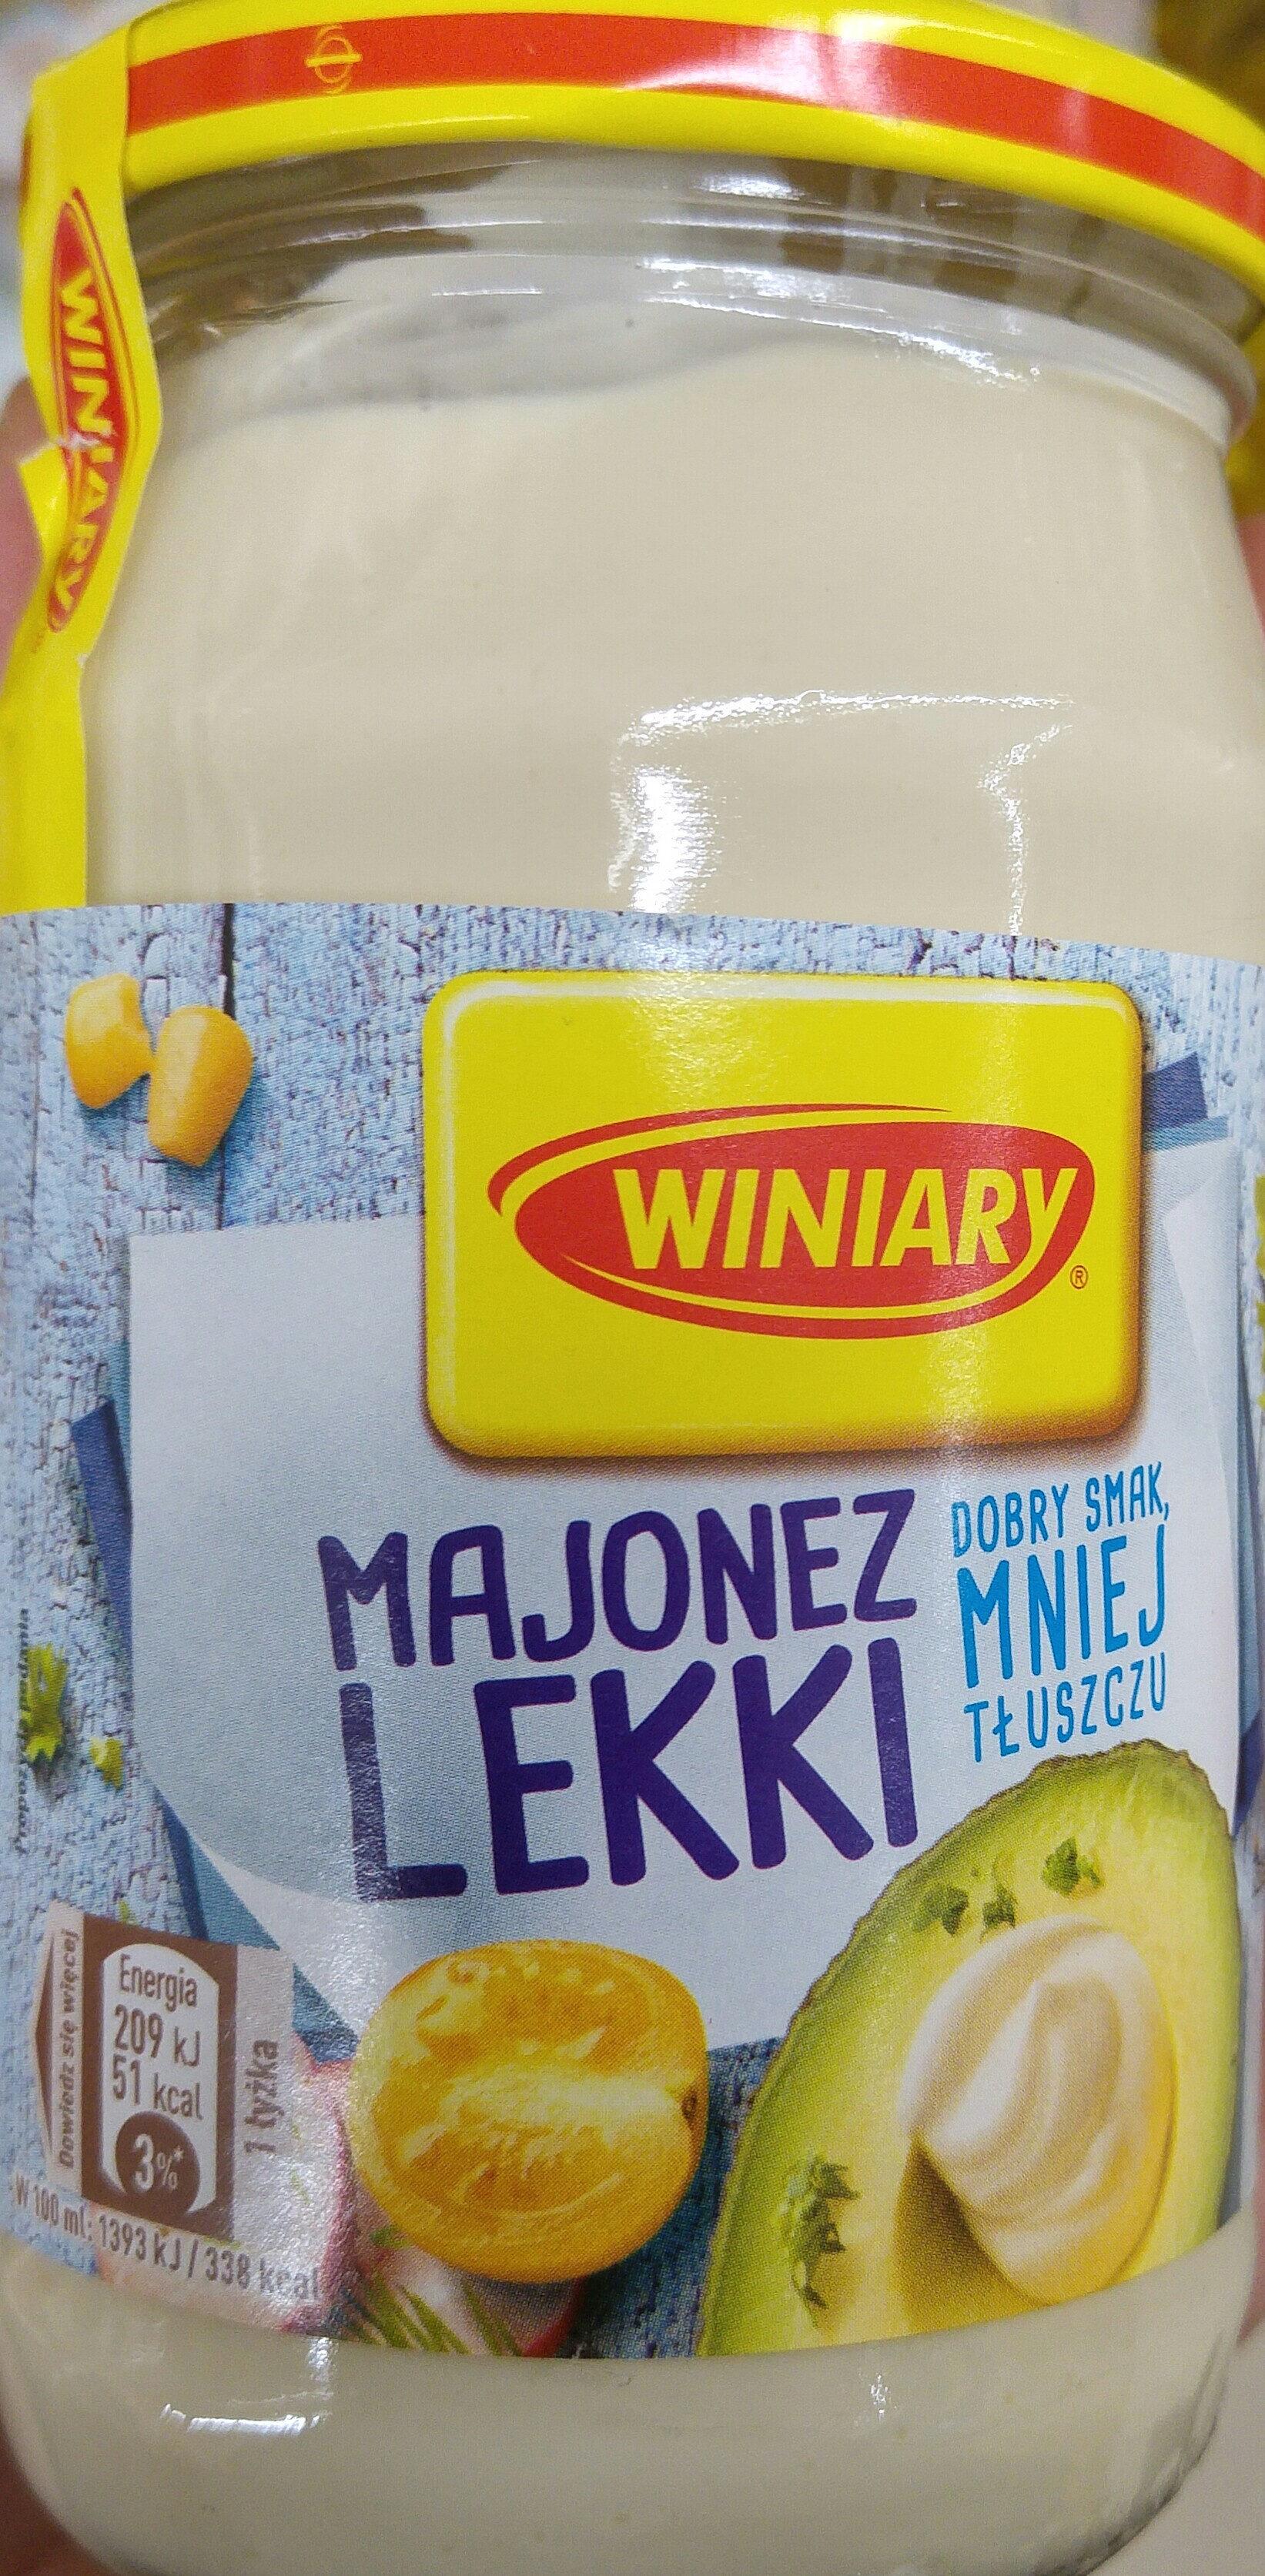 Majonez lekki - Produkt - pl